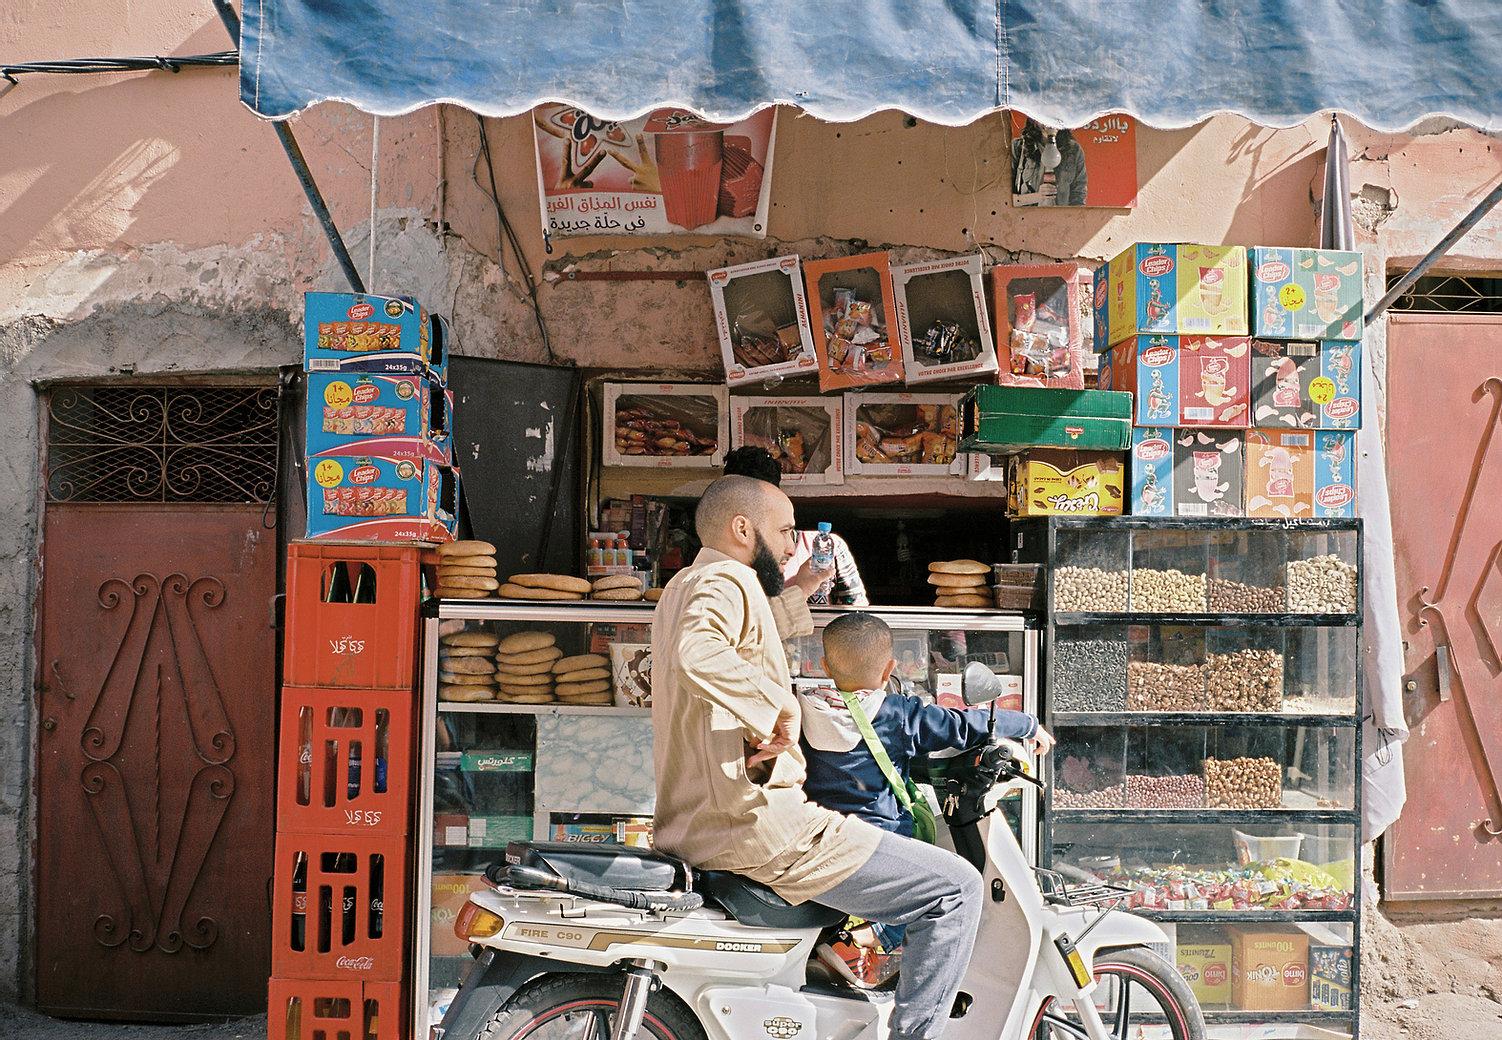 hommes habillé en beige assis suur sa moto avec son fils devant un stand à emporter